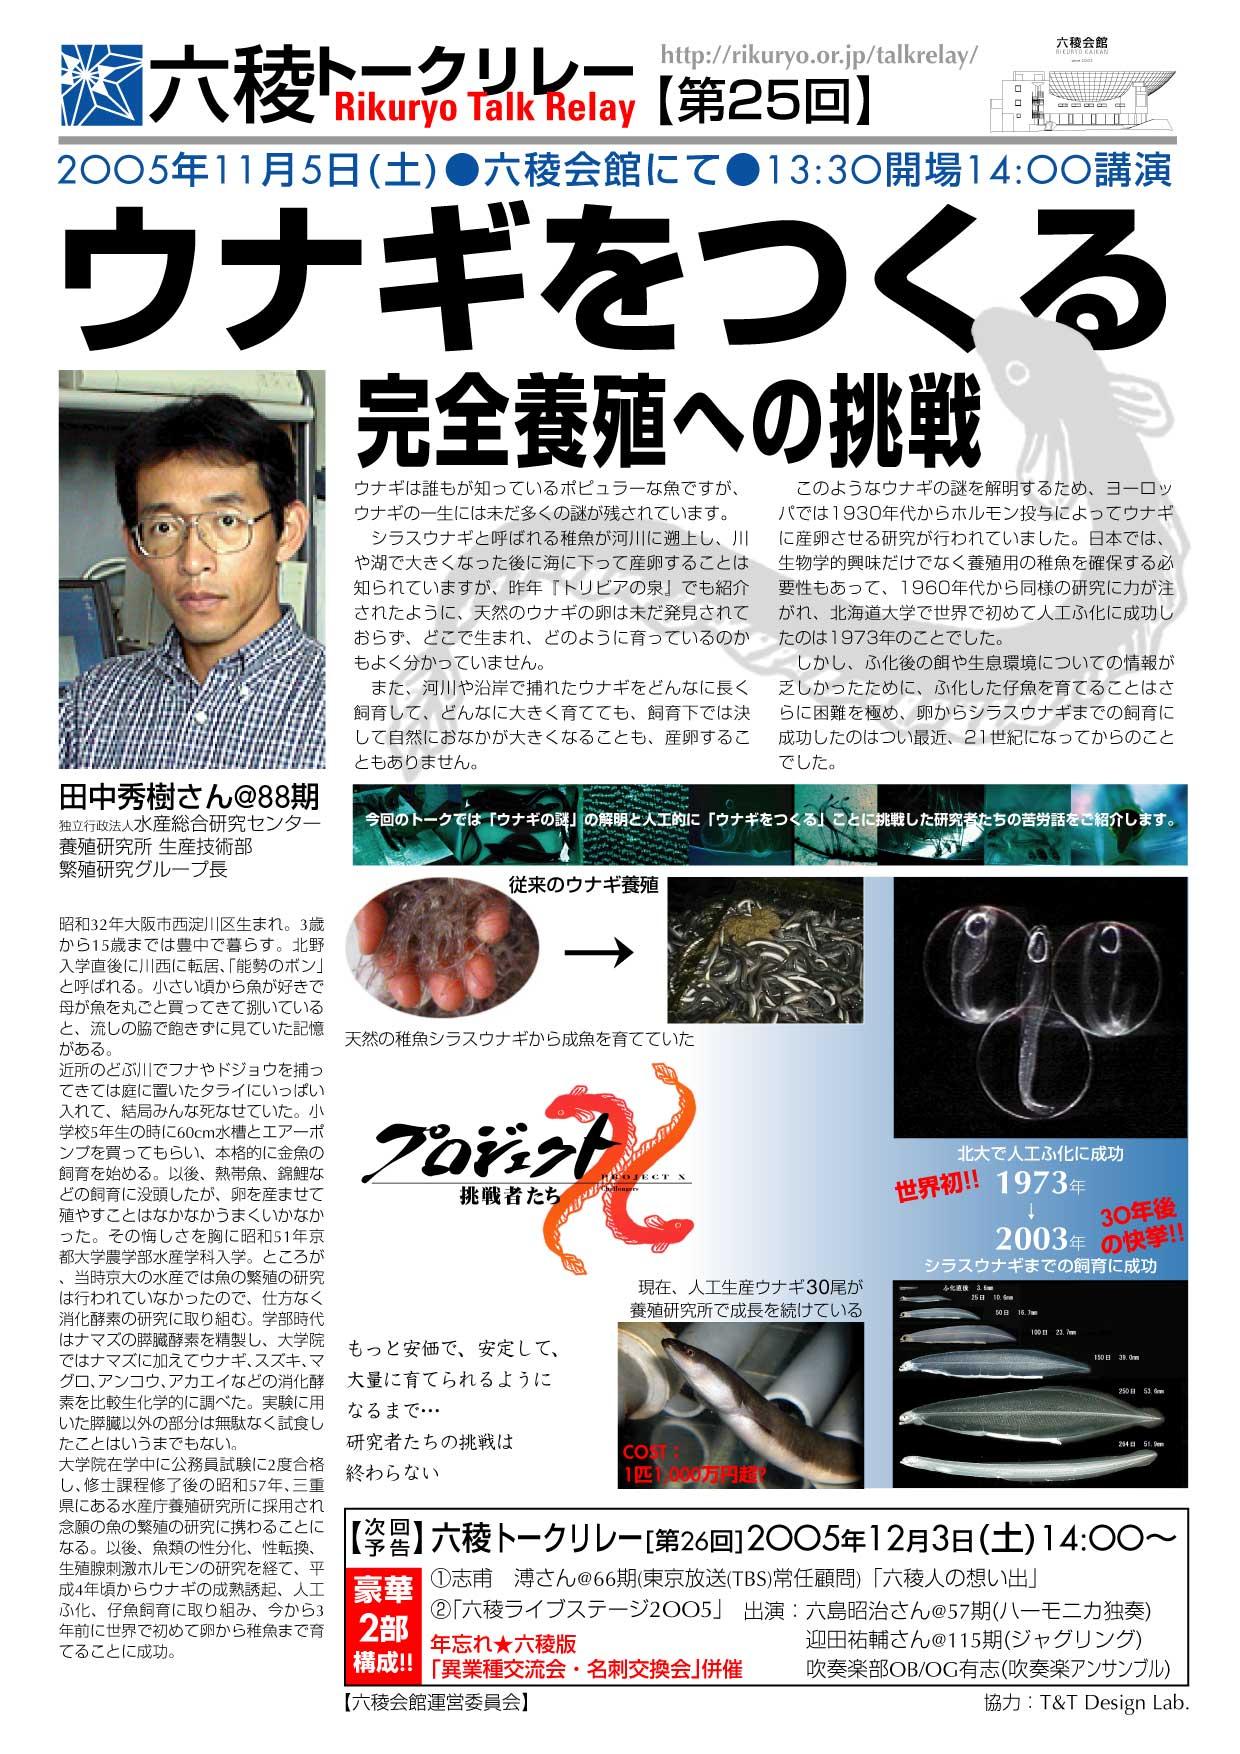 田中秀樹さん@88期「ウナギをつ ... : 六期カレンダー 2014 : カレンダー